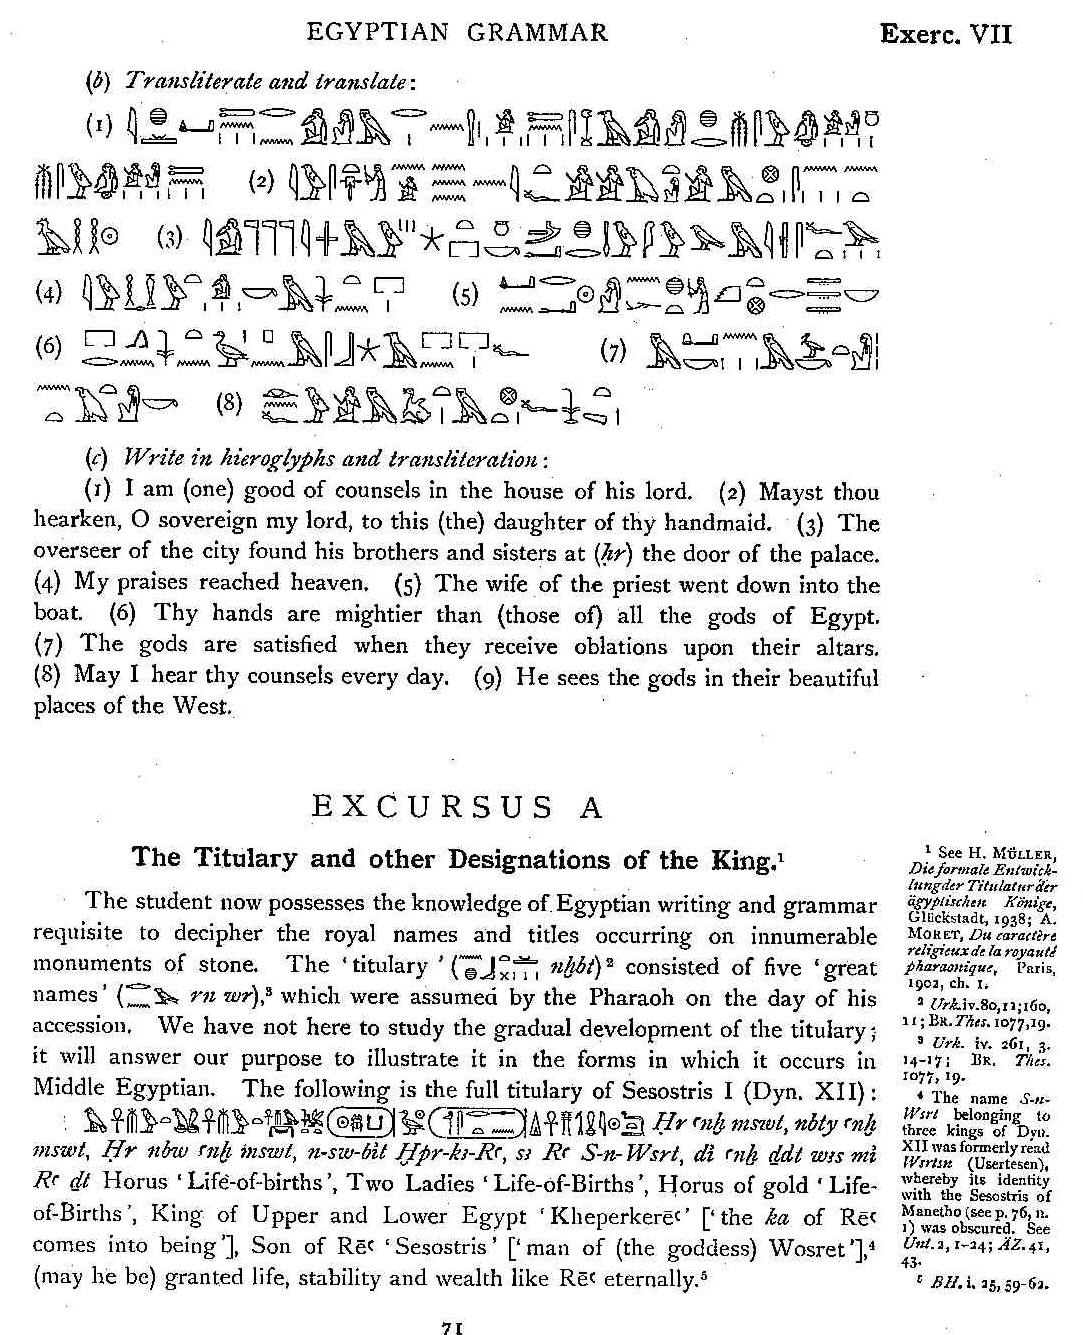 Middel Egyptian Lesson VIIb.jpg